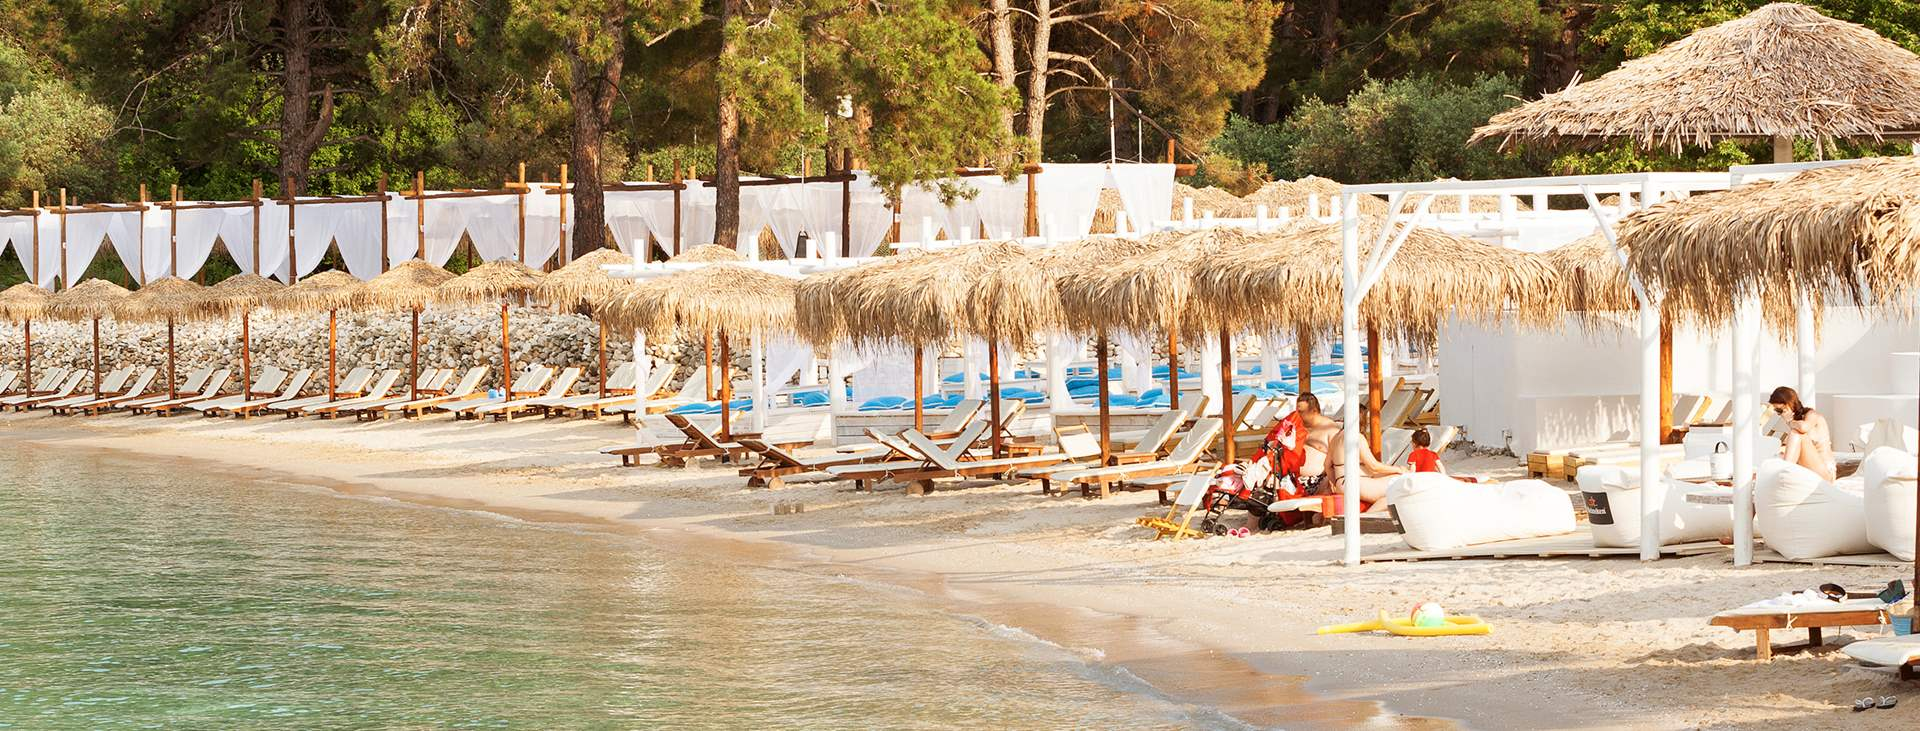 Bestill en reise til den greske øya Thassos med Ving